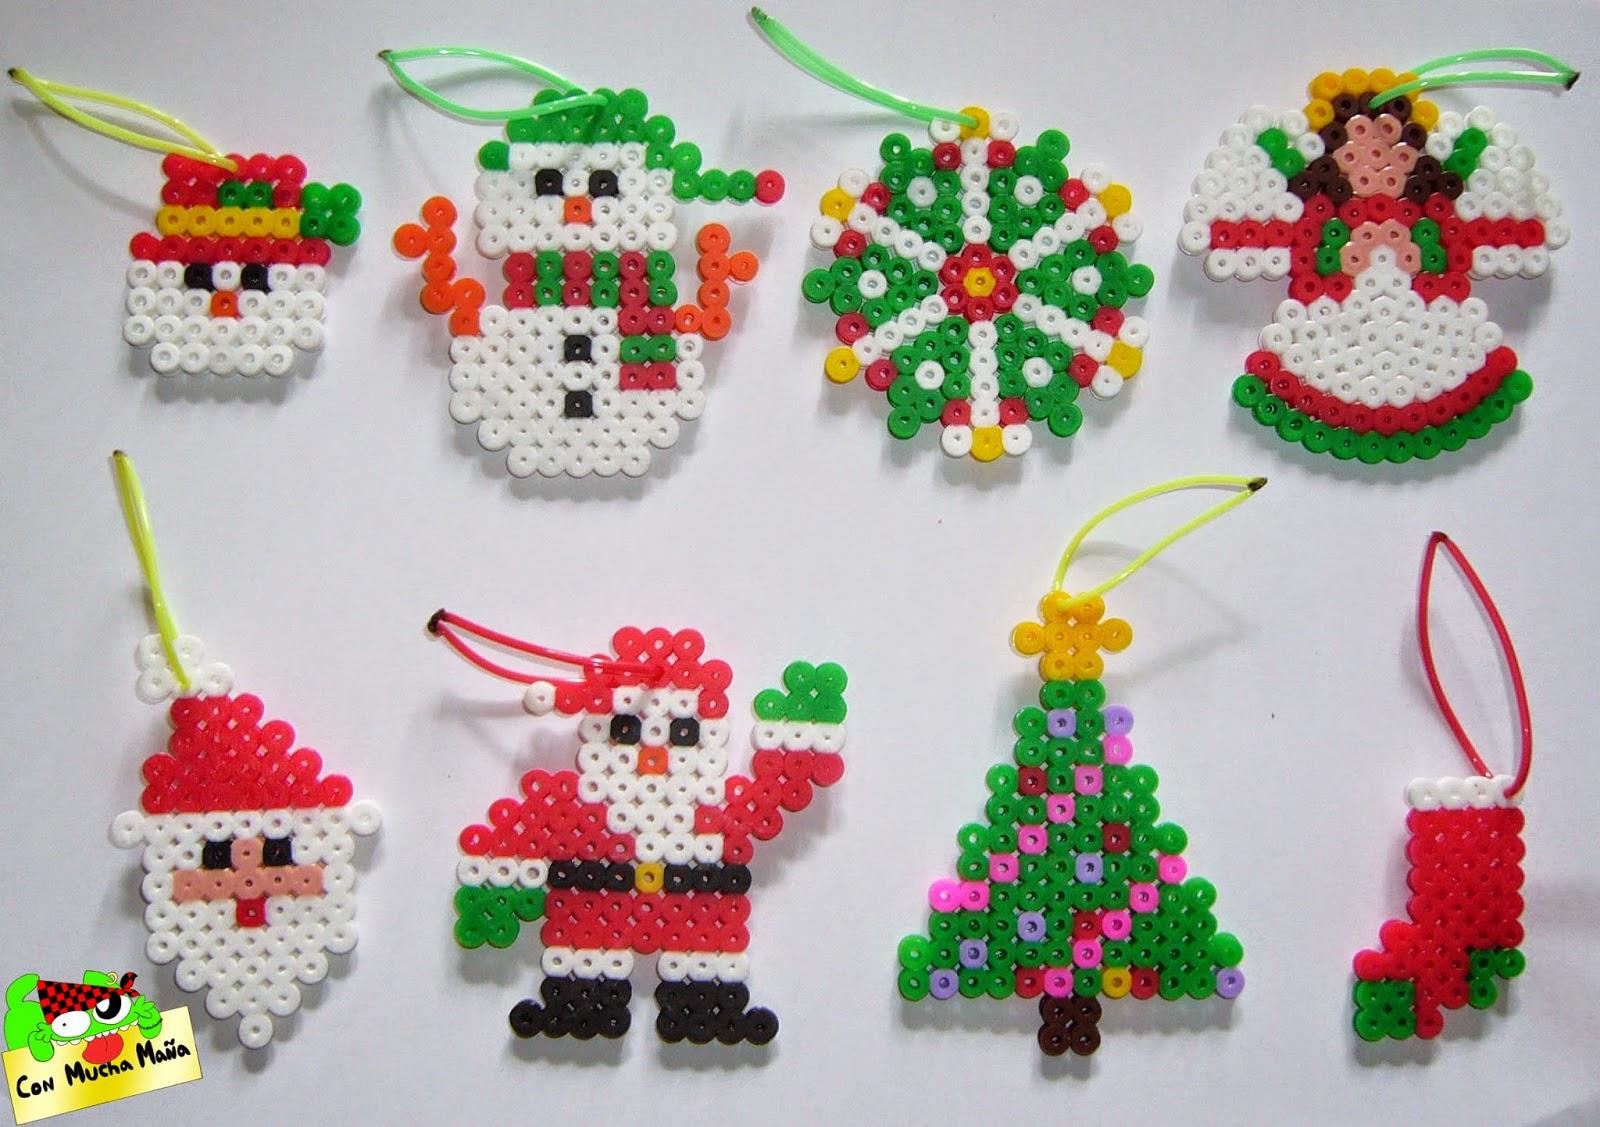 Con mucha ma a creaci n y dise o de abalorios adornos - Adornos navidenos para hacer con ninos ...